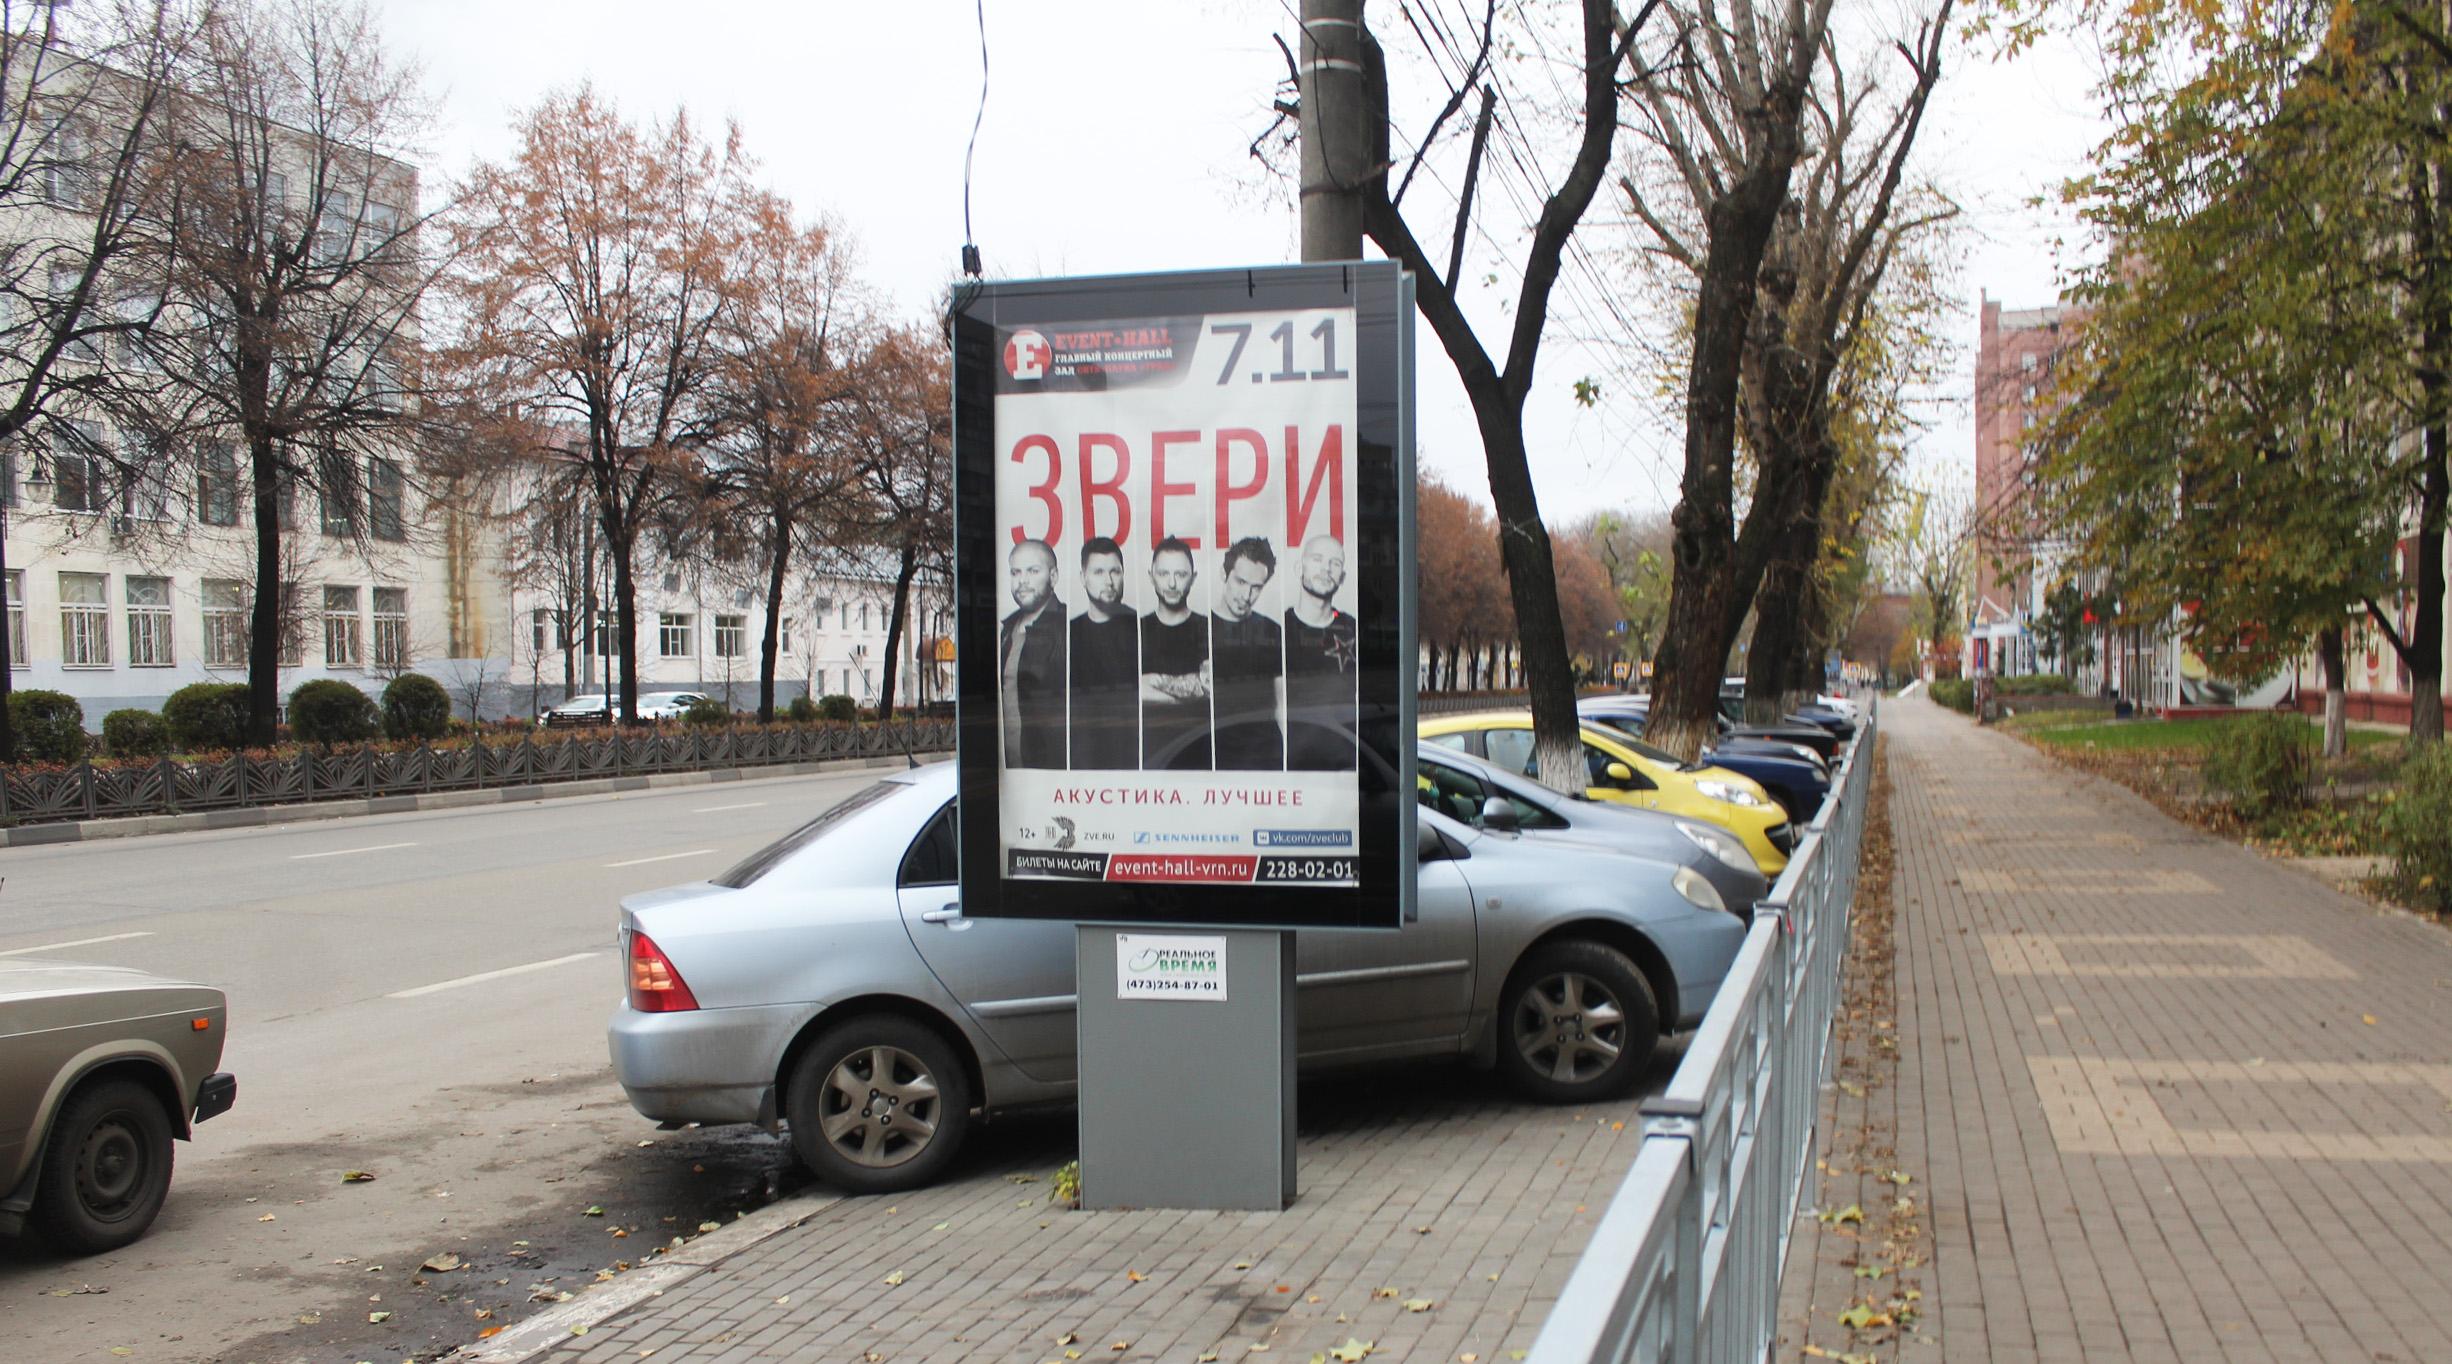 311А ул. Кольцовская, д.23